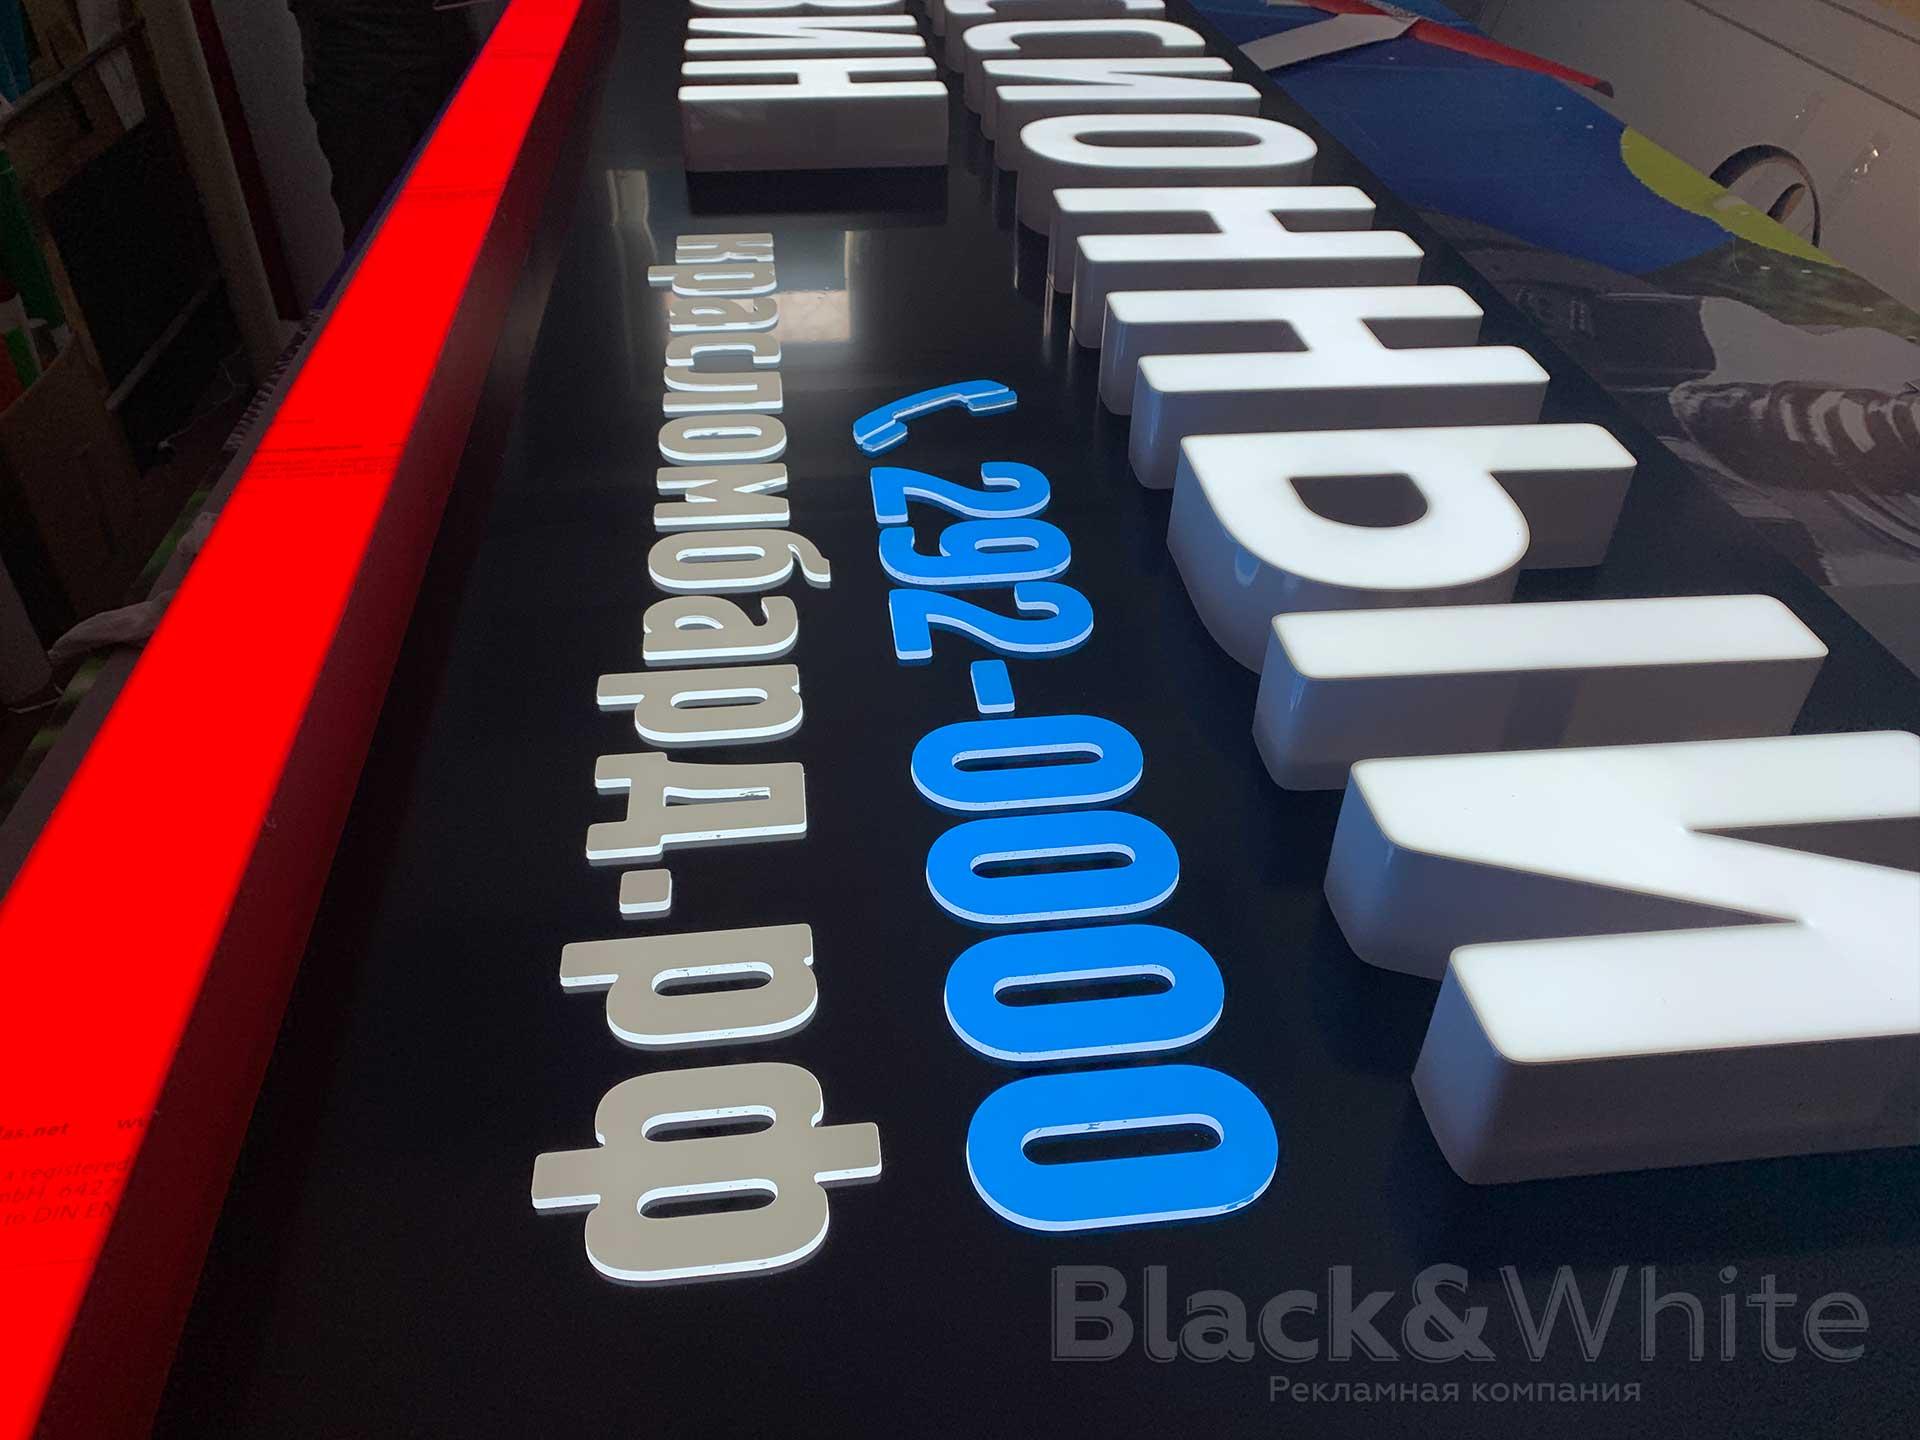 Световая-вывеска-для-ломбарда-с-световыми-объёмными-буквами-в-Красноярске-Black&White-bw--.jpg